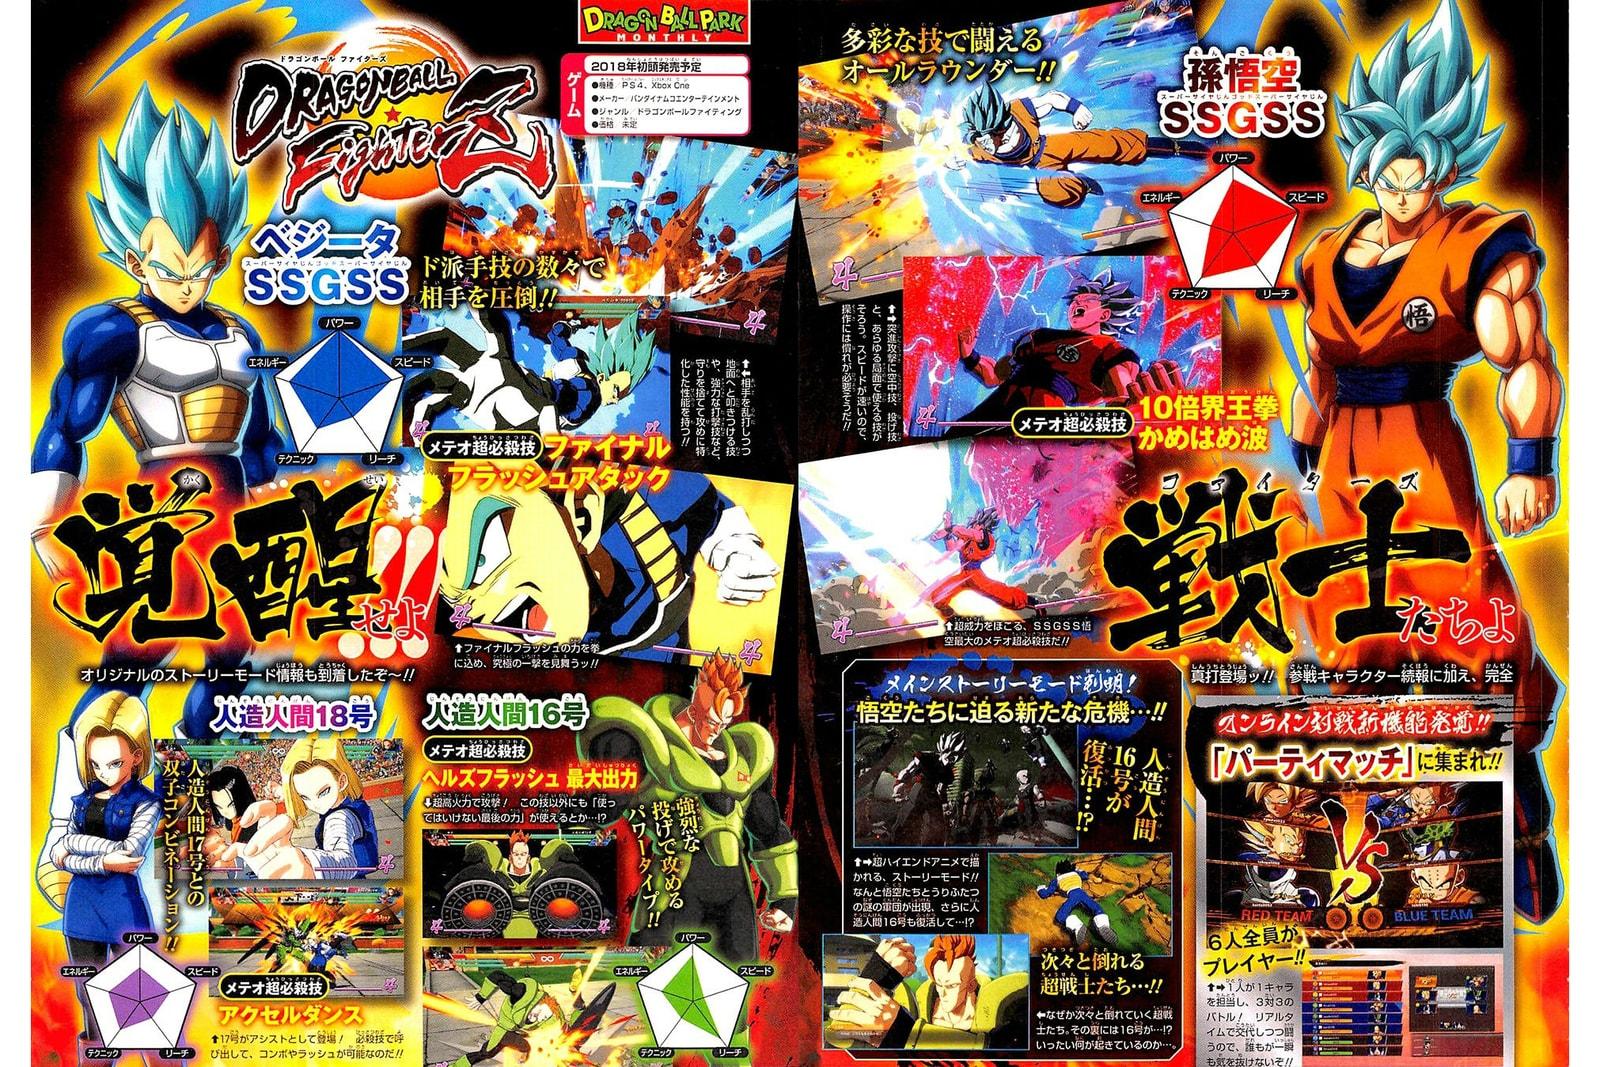 未出發先興奮 -《DragonBall Fighter Z》公佈追加四個新角色選擇